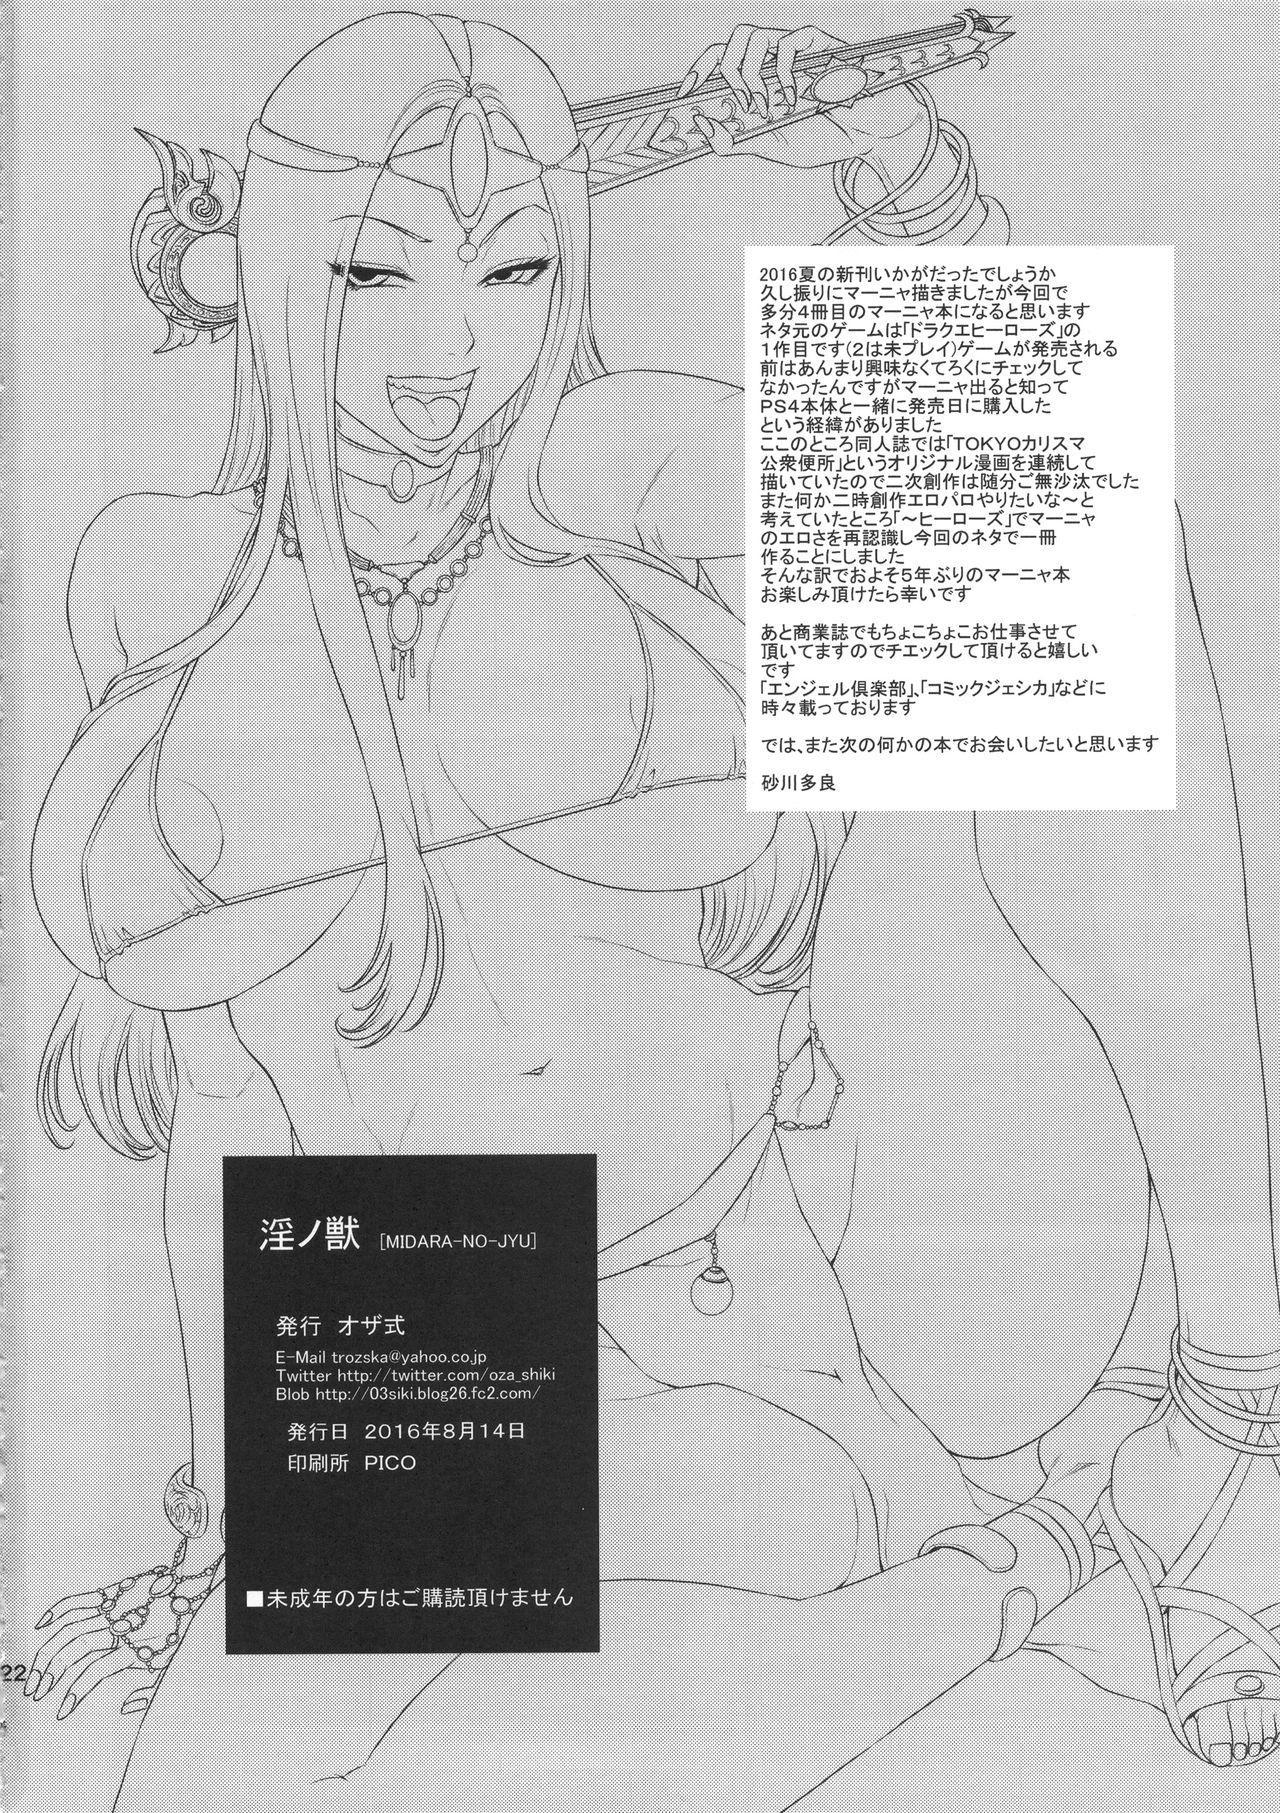 (C90) [Ozashiki (Sunagawa Tara)] MIDARA-NO-JYU (Dragon Quest IV) 20